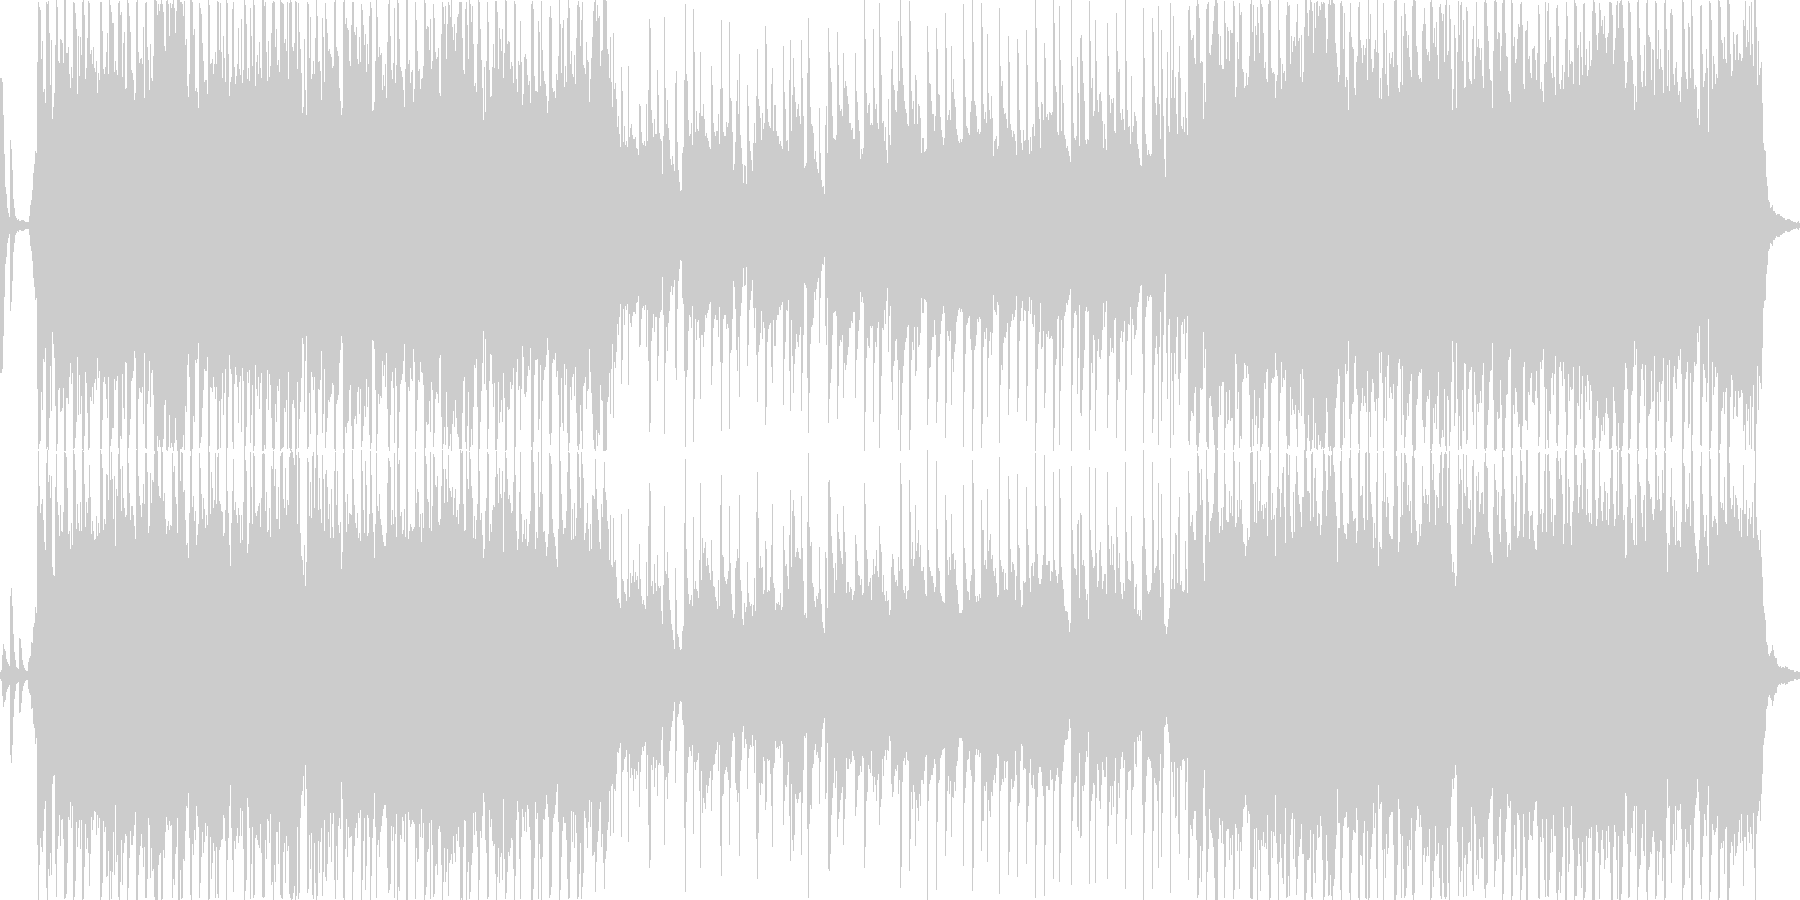 ハイテンションで派手なジングルベルの未再生の波形